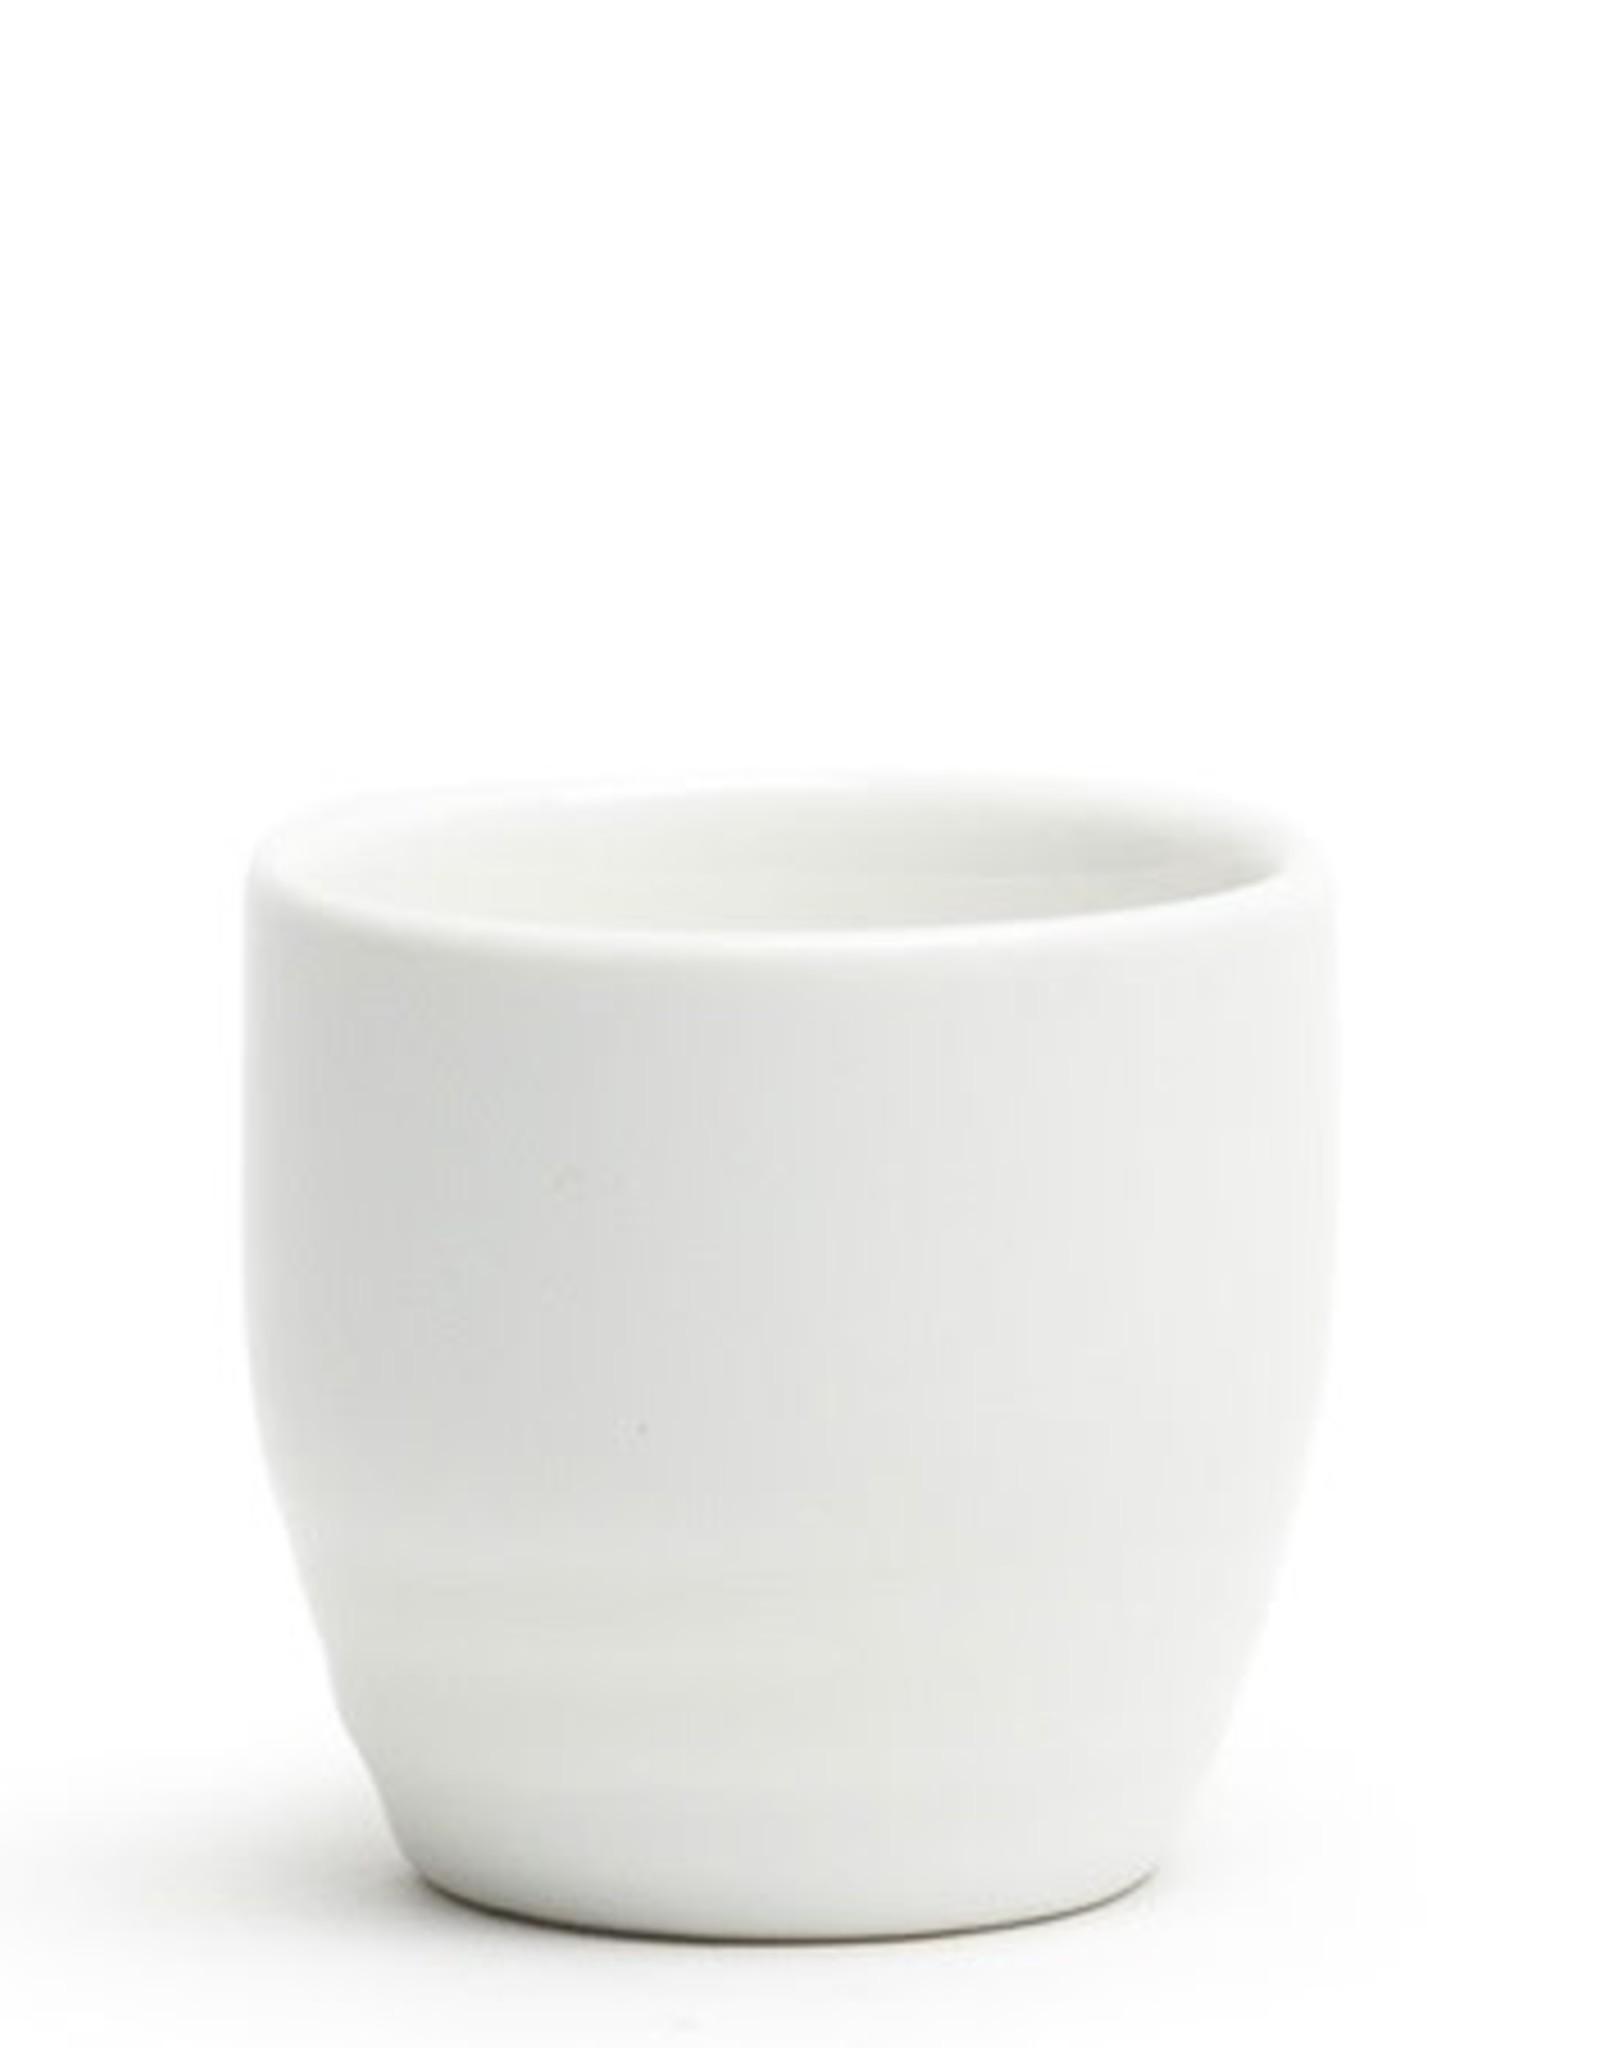 Sake Cup White